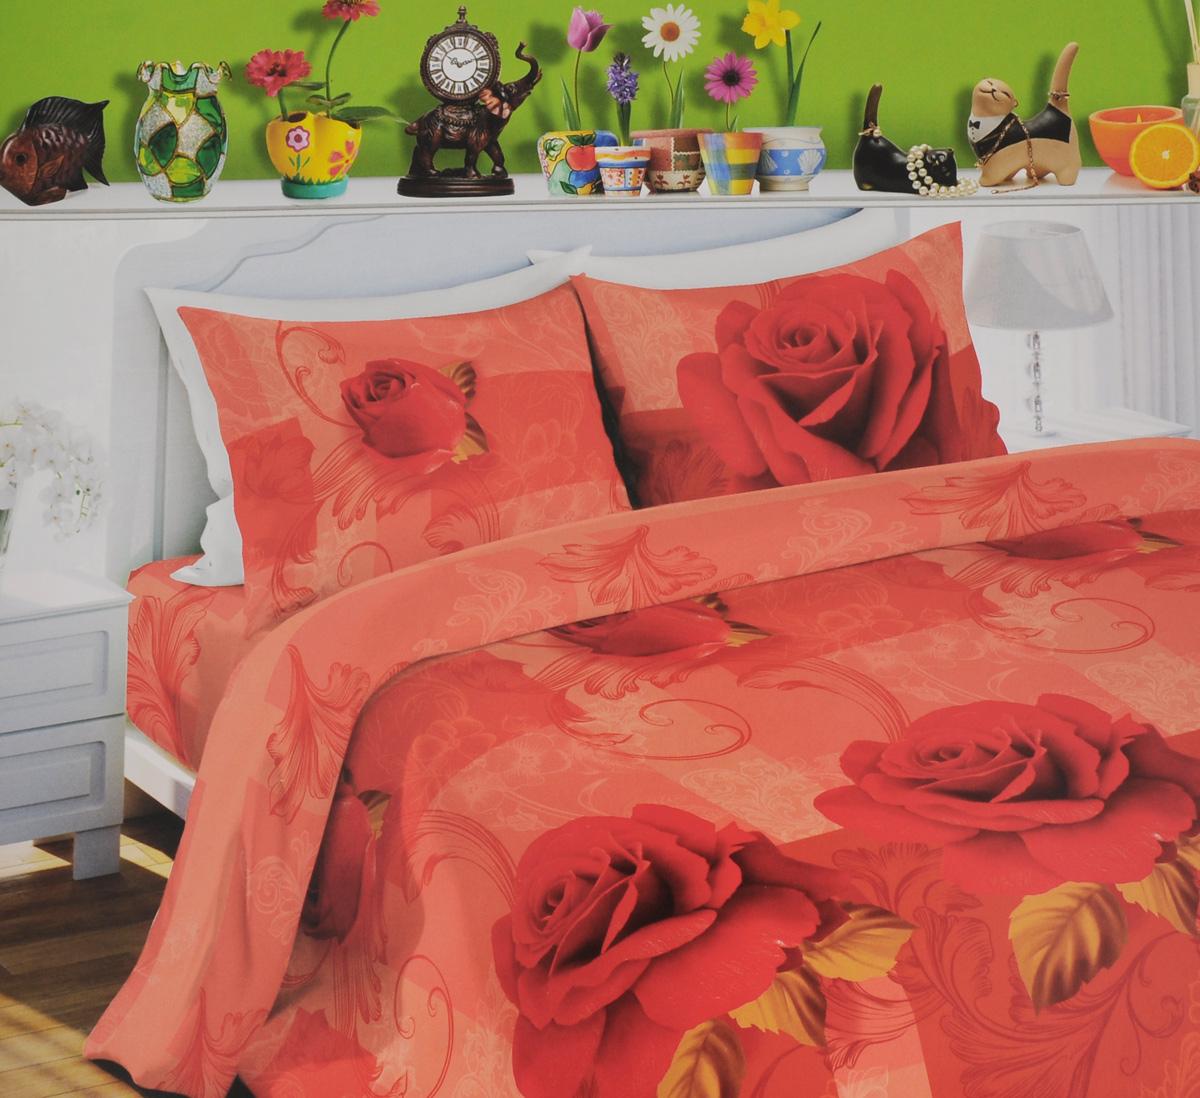 Комплект белья Любимый дом Роза, 1,5-спальный, наволочки 70х70, цвет: красный, розовый327641Комплект постельного белья Любимый дом Роза состоит из пододеяльника, простыни и двух наволочек. Постельное белье оформлено оригинальным рисунком и имеет изысканный внешний вид. Белье изготовлено из новой ткани Биокомфорт, отвечающей всем необходимым нормативным стандартам. Биокомфорт - это ткань полотняного переплетения, из экологически чистого и натурального 100% хлопка. Неоспоримым плюсом белья из такой ткани является мягкость и легкость, она прекрасно пропускает воздух, приятна на ощупь, не образует катышков на поверхности и за ней легко ухаживать. При соблюдении рекомендаций по уходу, это белье выдерживает много стирок, не линяет и не теряет свою первоначальную прочность. Уникальная ткань обеспечивает легкую глажку. Приобретая комплект постельного белья Любимый дом Роза, вы можете быть уверены в том, что покупка доставит вам и вашим близким удовольствие и подарит максимальный комфорт.